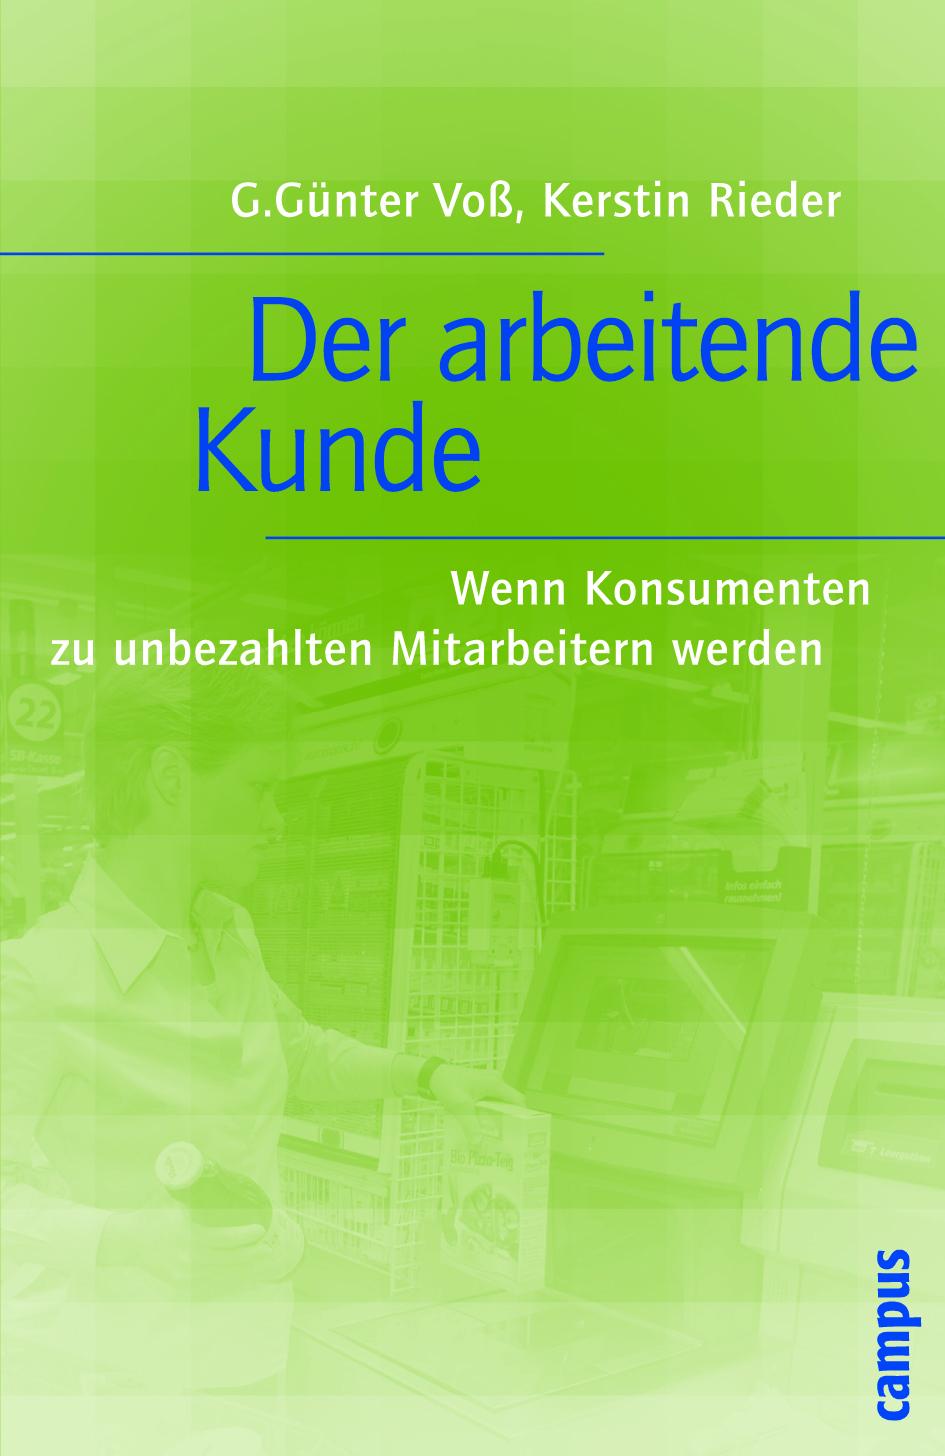 Der arbeitende Kunde G. Günter Voß